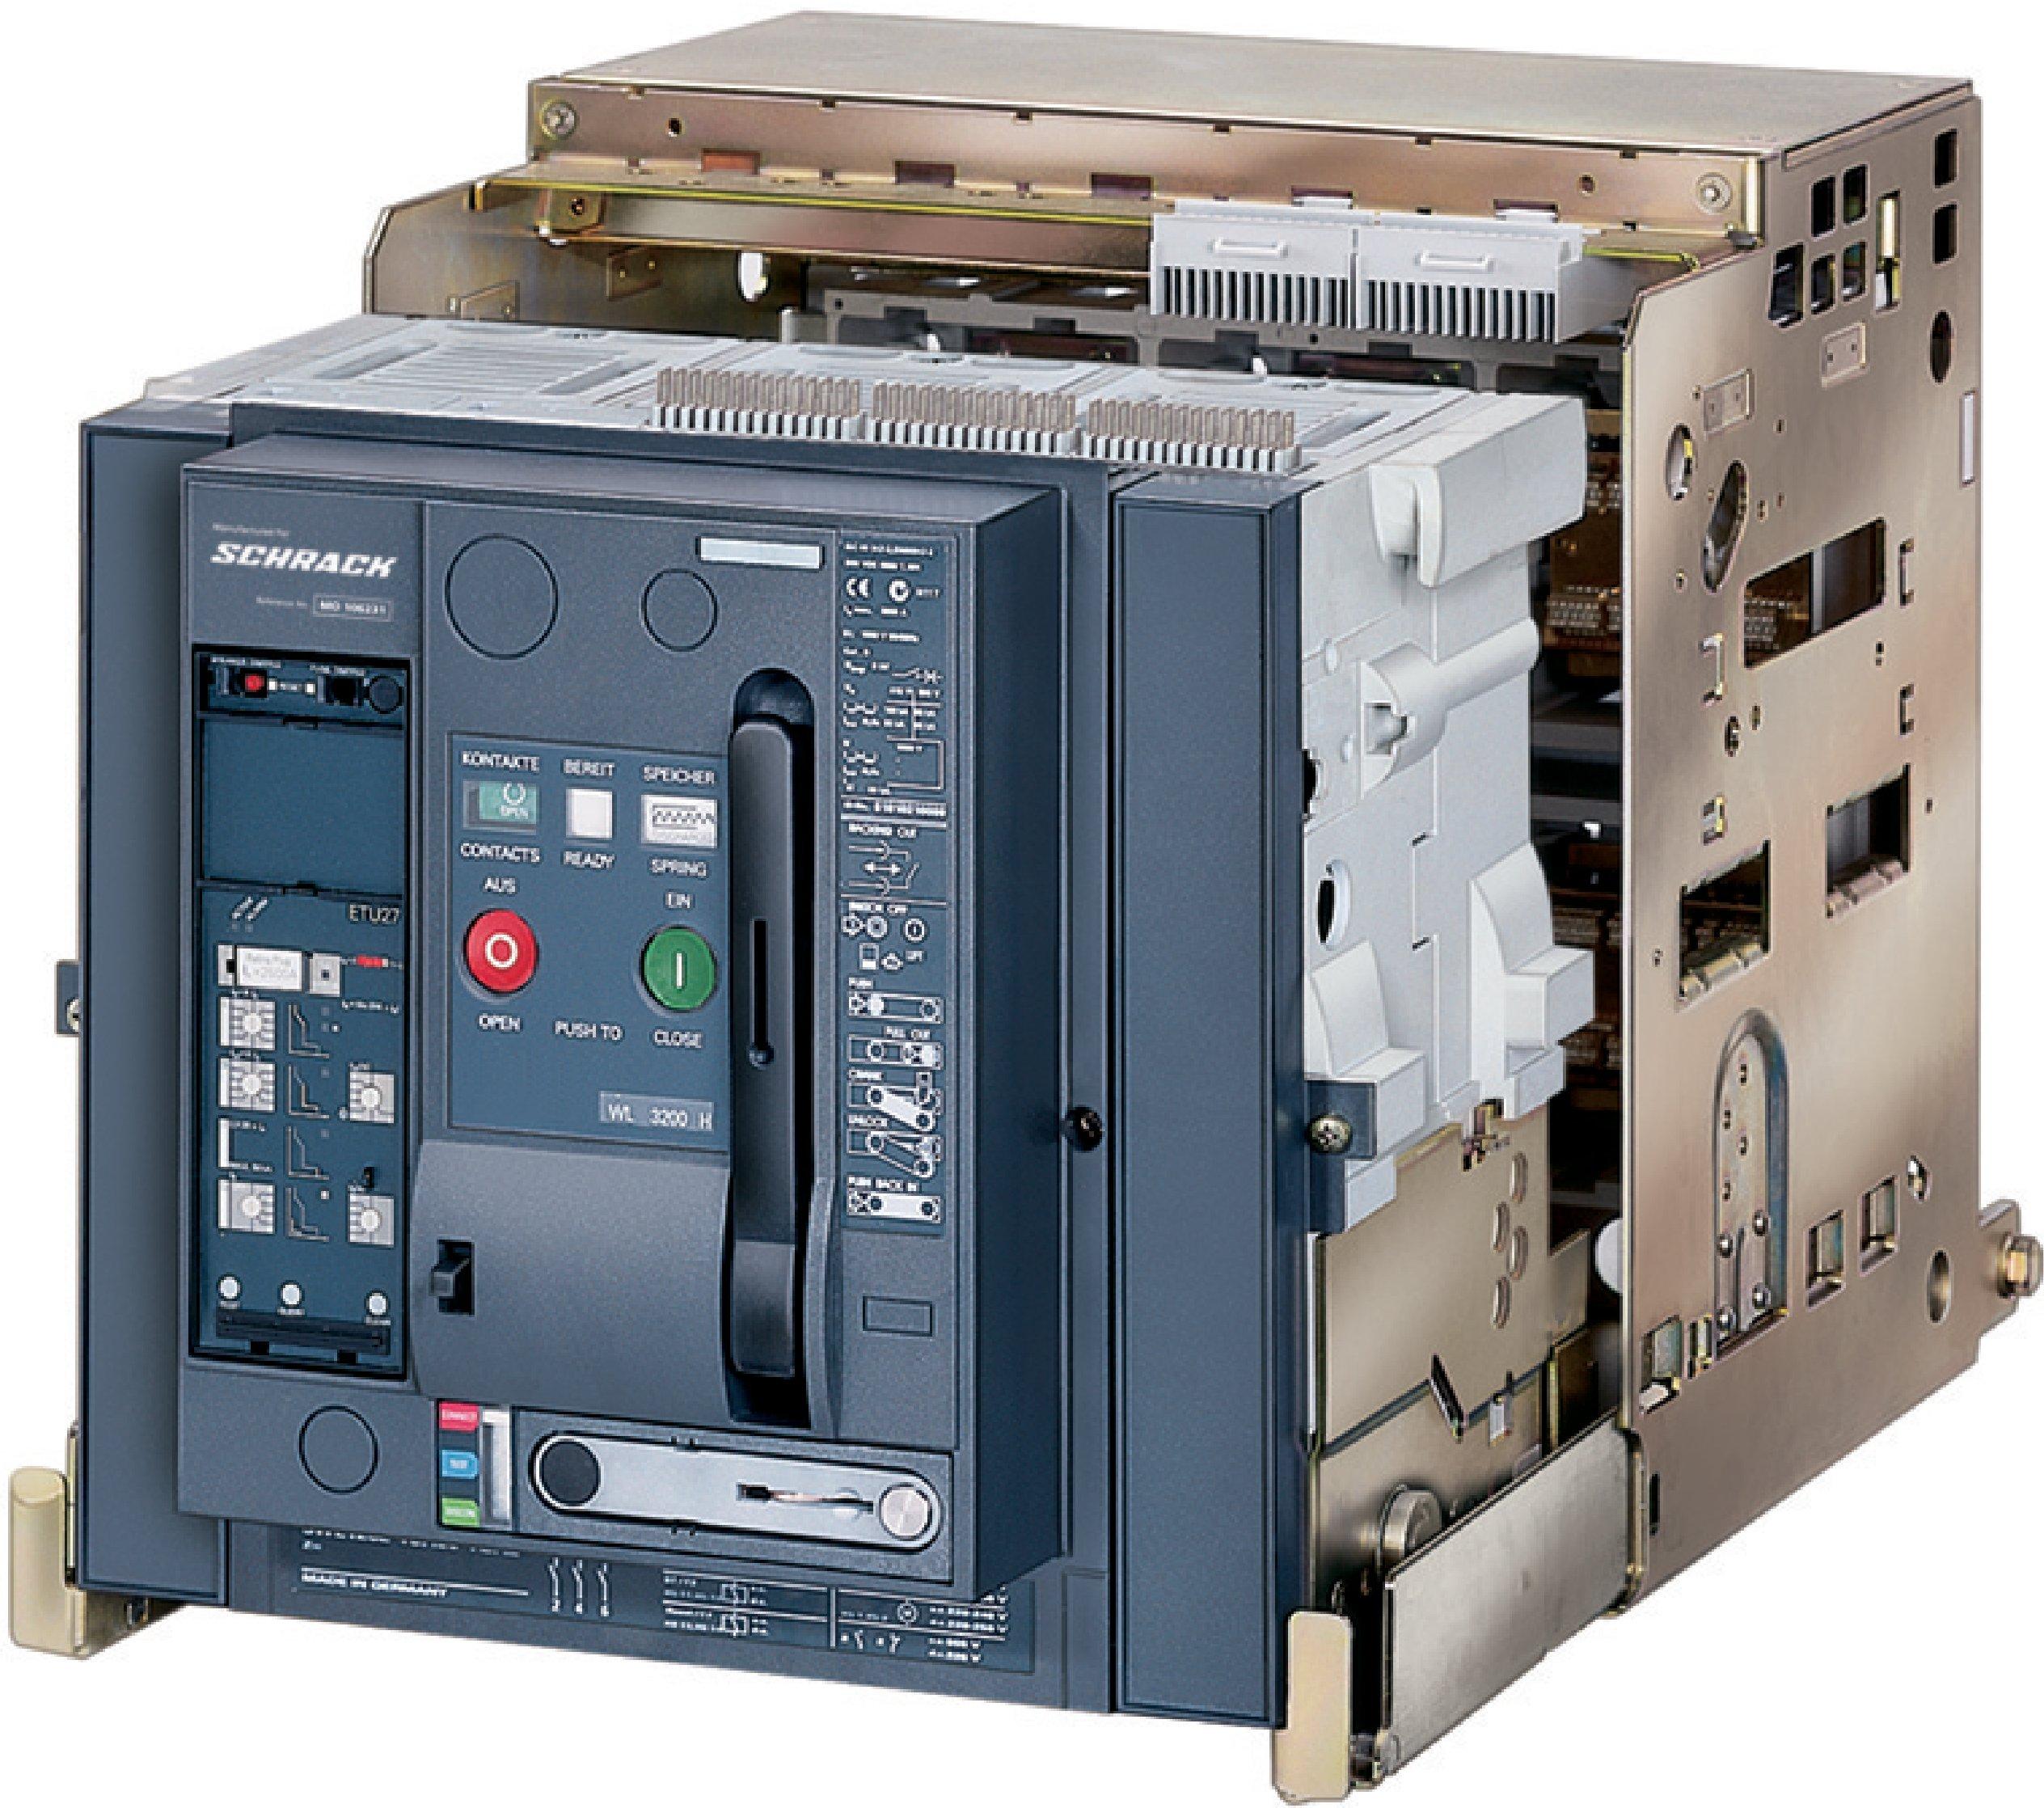 1 Stk Leistungsschalter, MO2, 3-polig, 2000A, 66kA, ausfahrbar, RH MO220236--